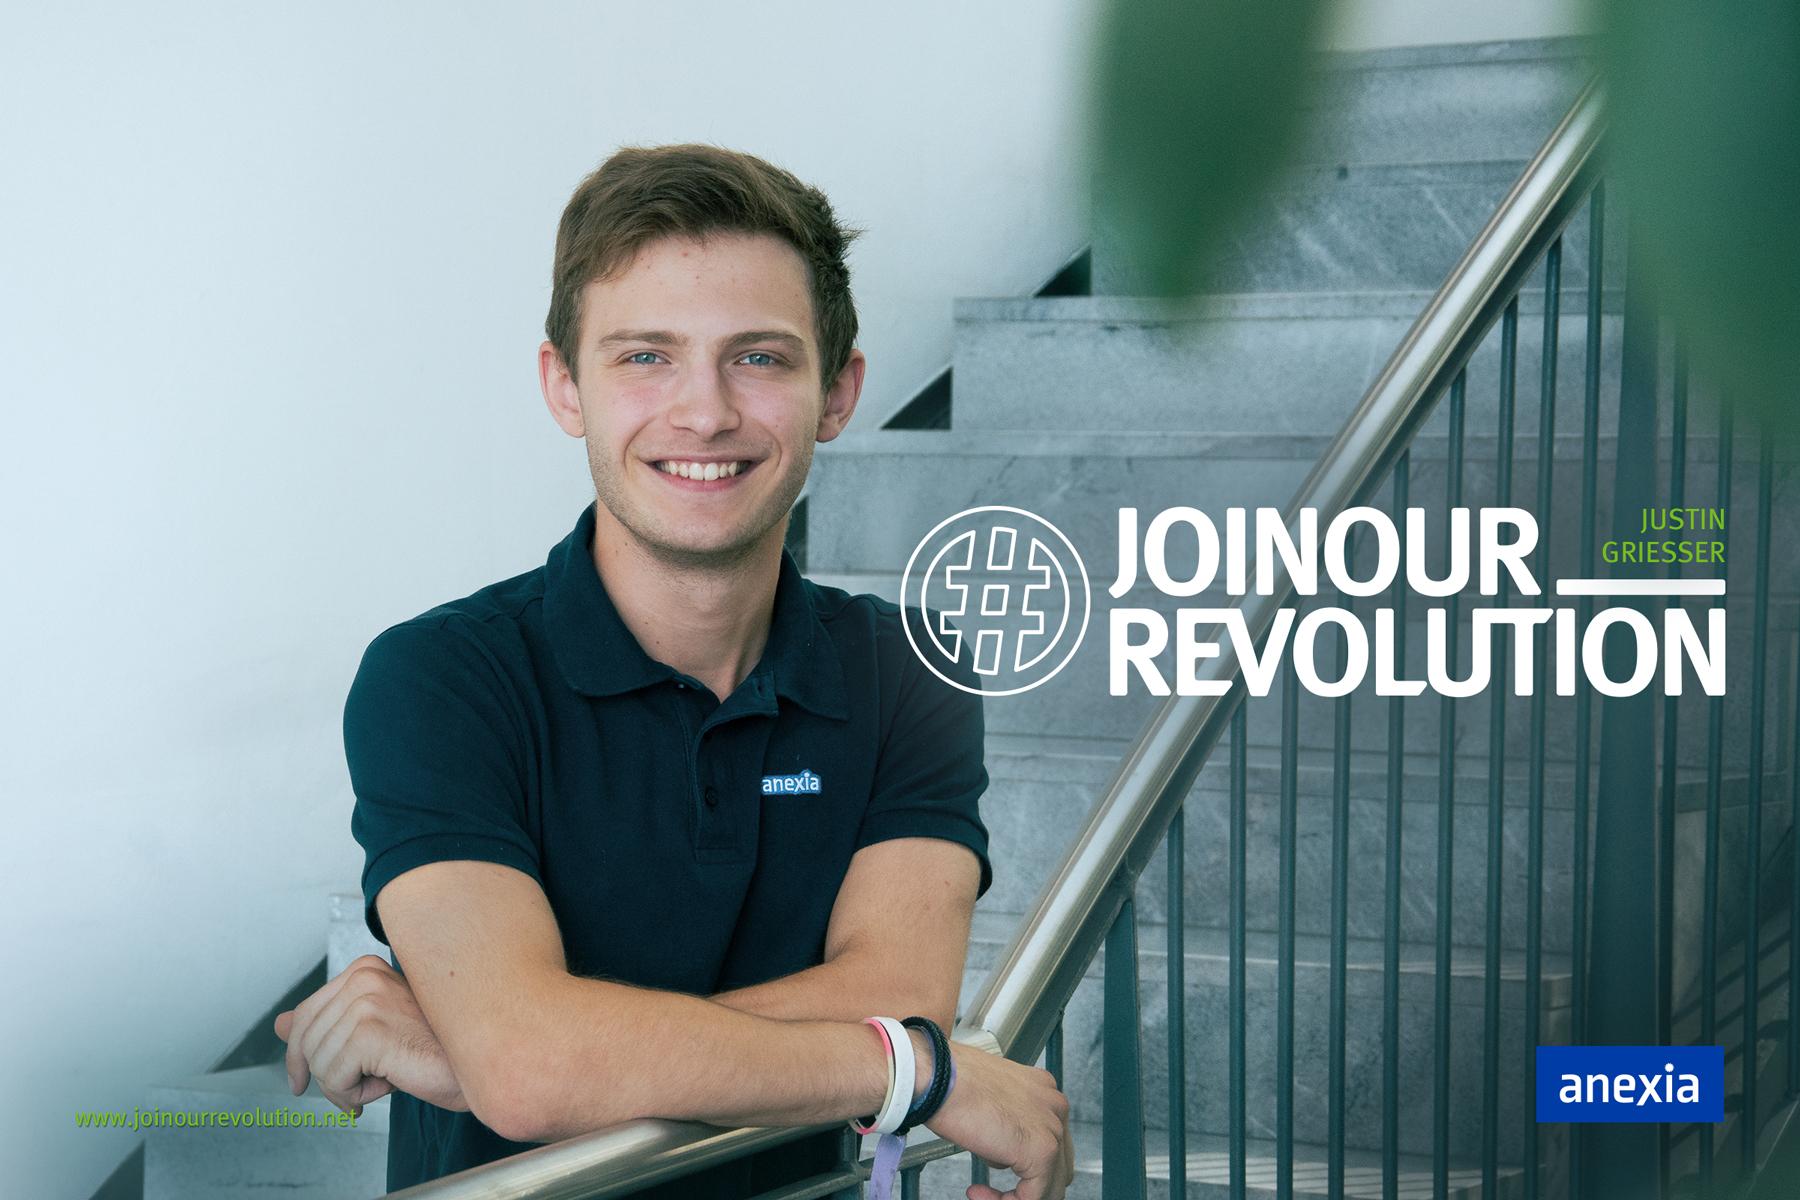 Titelbild Justin auf Treppe während Praktikum